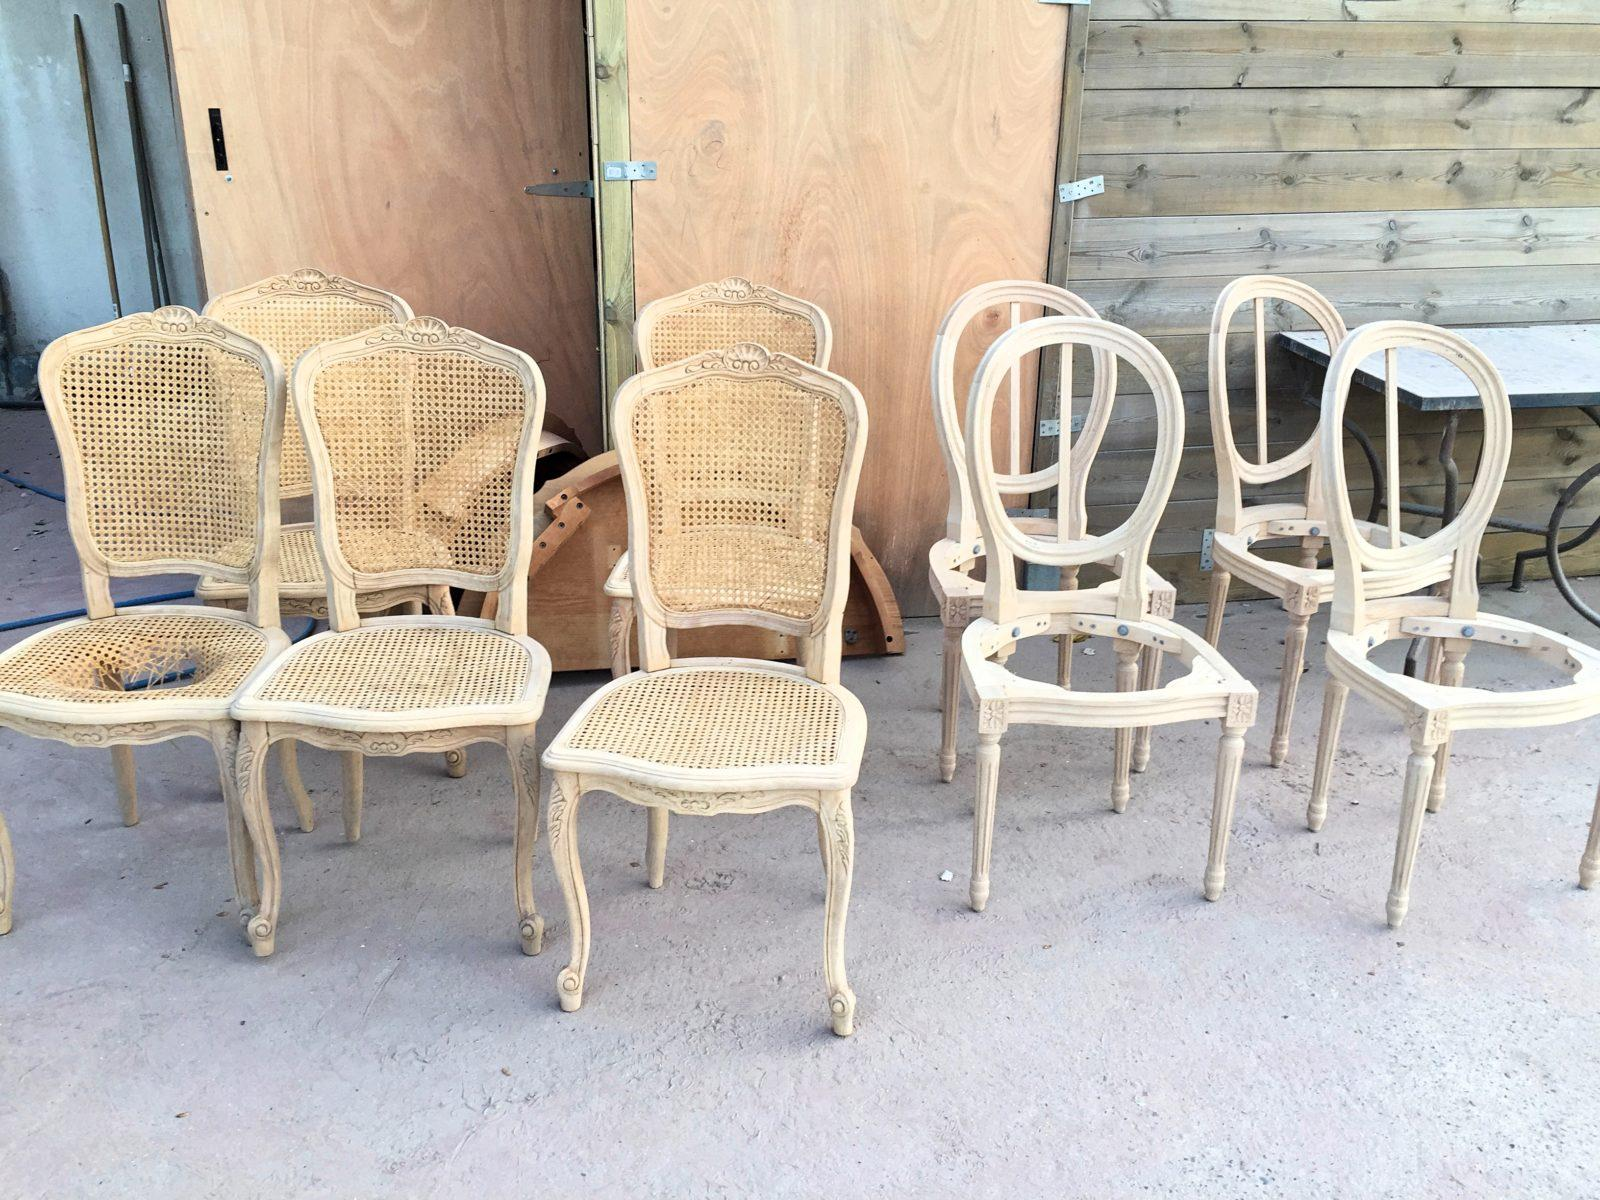 Comment Restaurer Une Chaise En Bois service de décapage à sec meubles bois avant peinture dpt 06